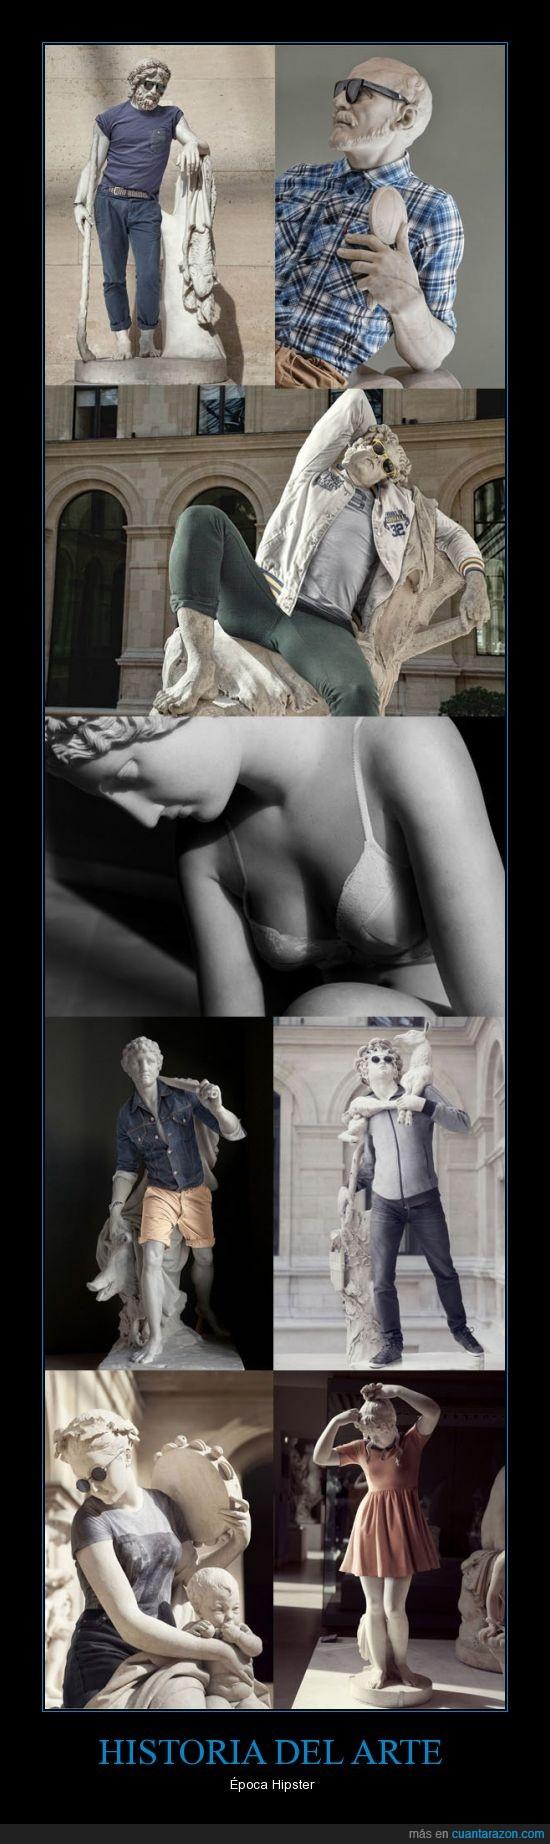 clasica,época hipster,esculturas,grecia,historia del arte,roma,vestir